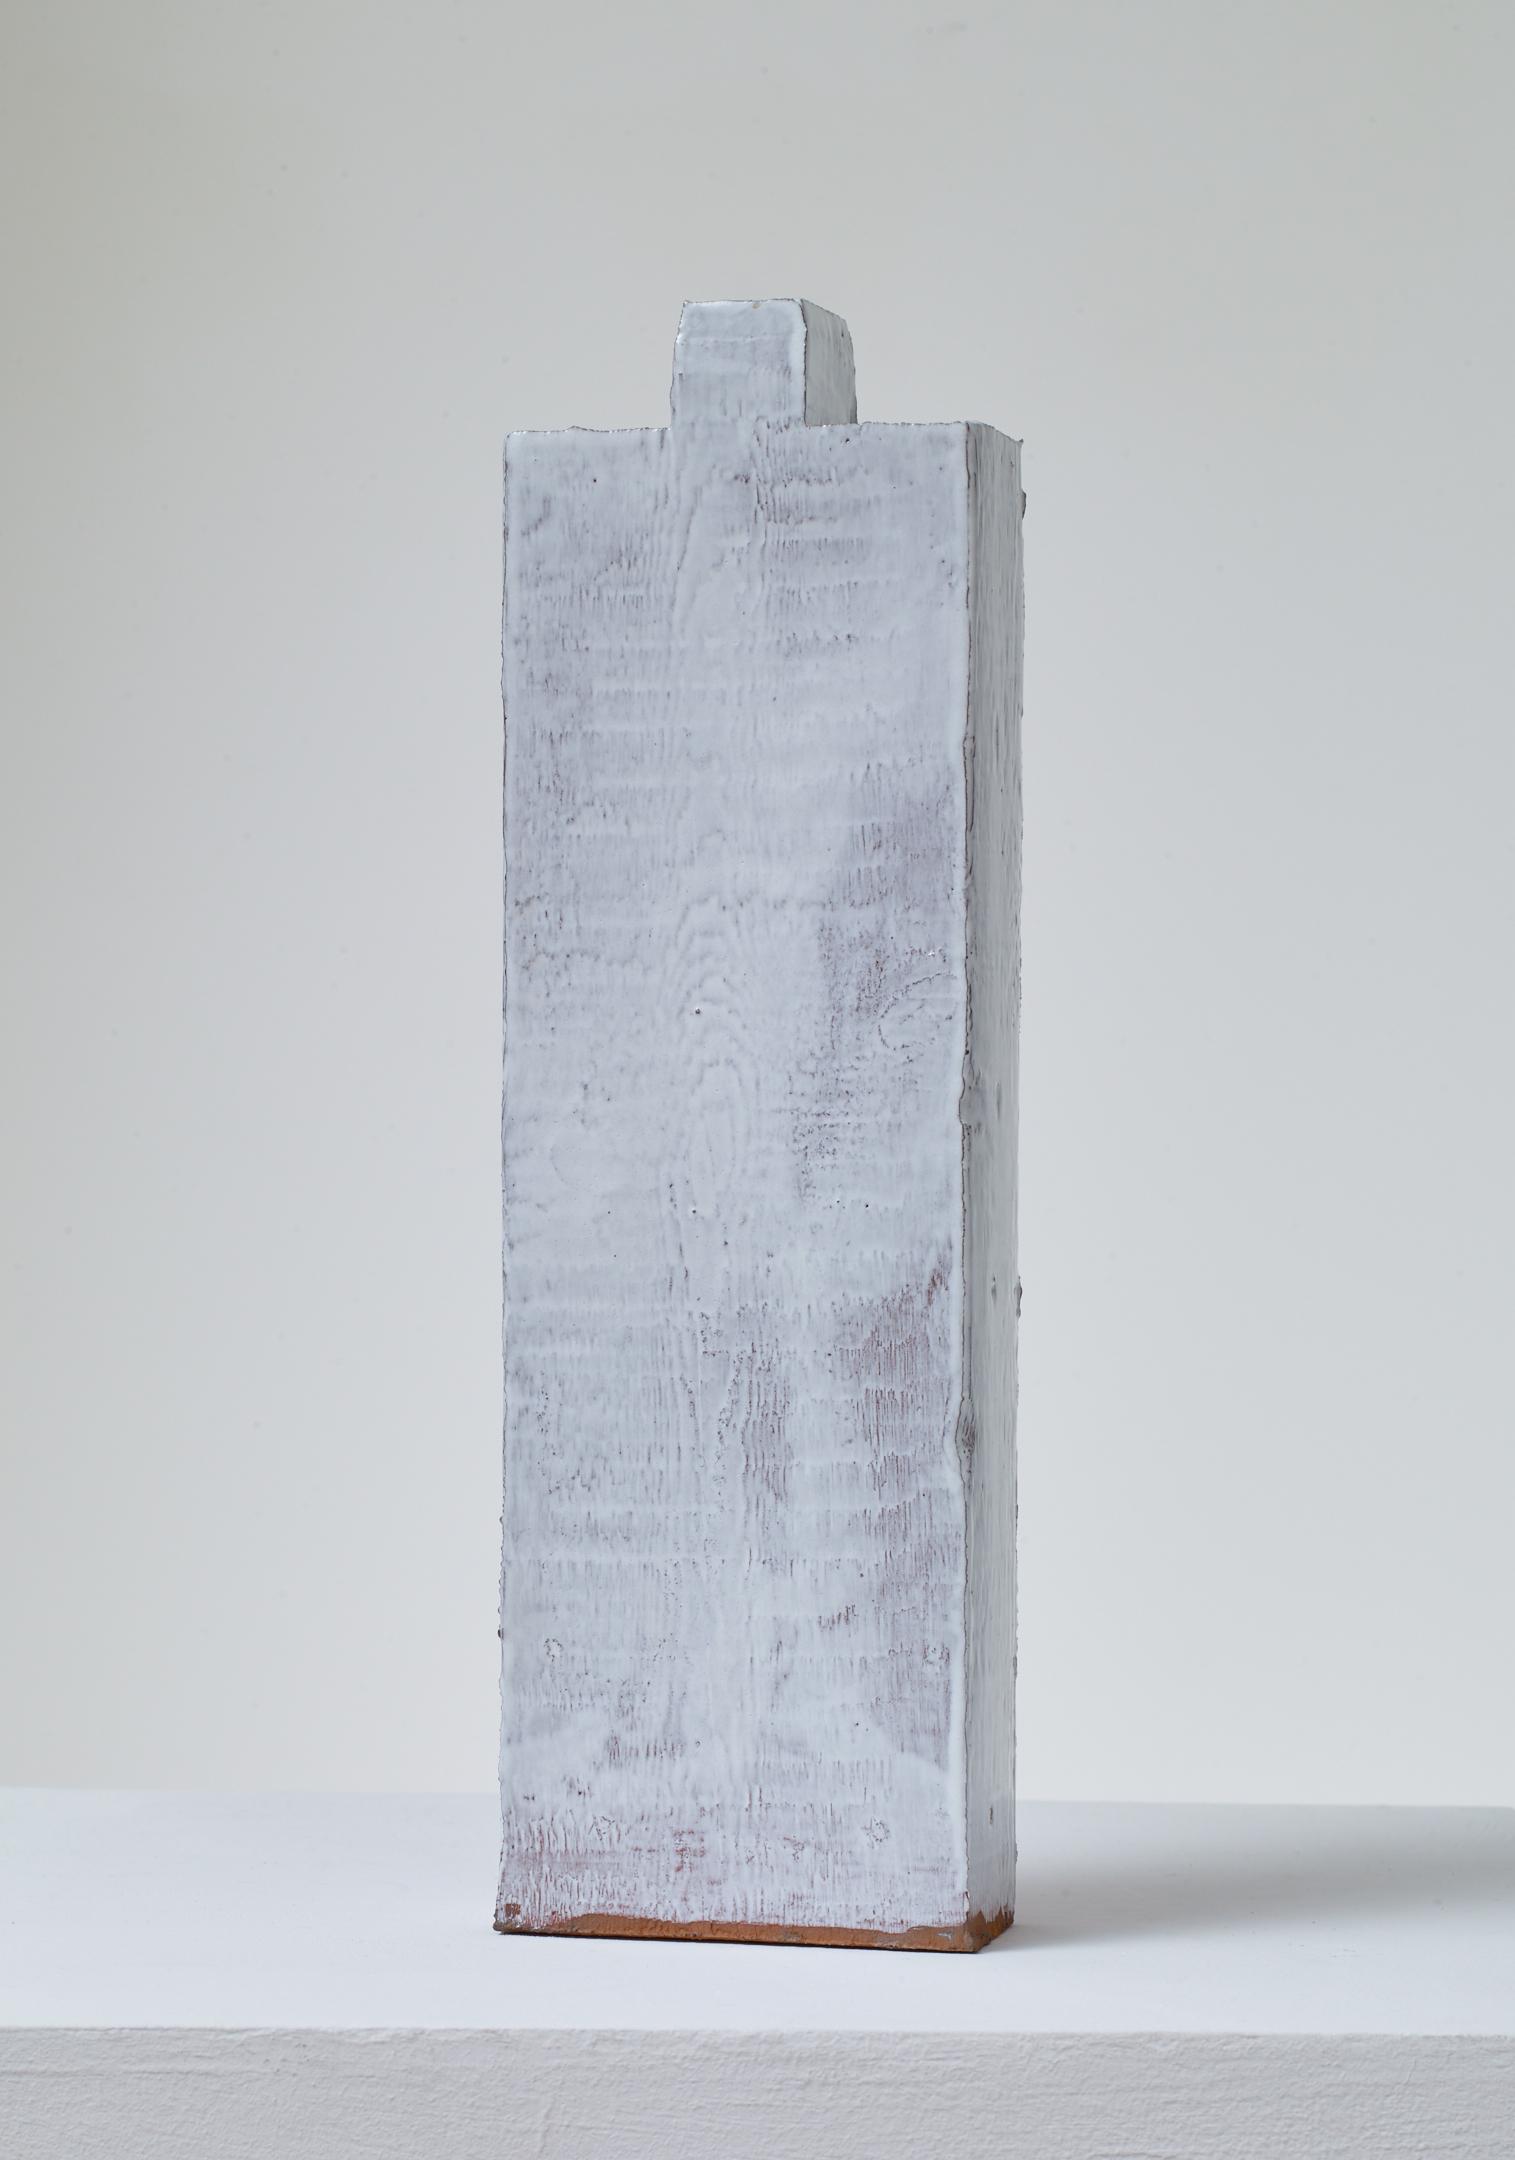 Jodie Carey  Untitled,  2019 Glazed ceramic 5 x 5 x 23 cm